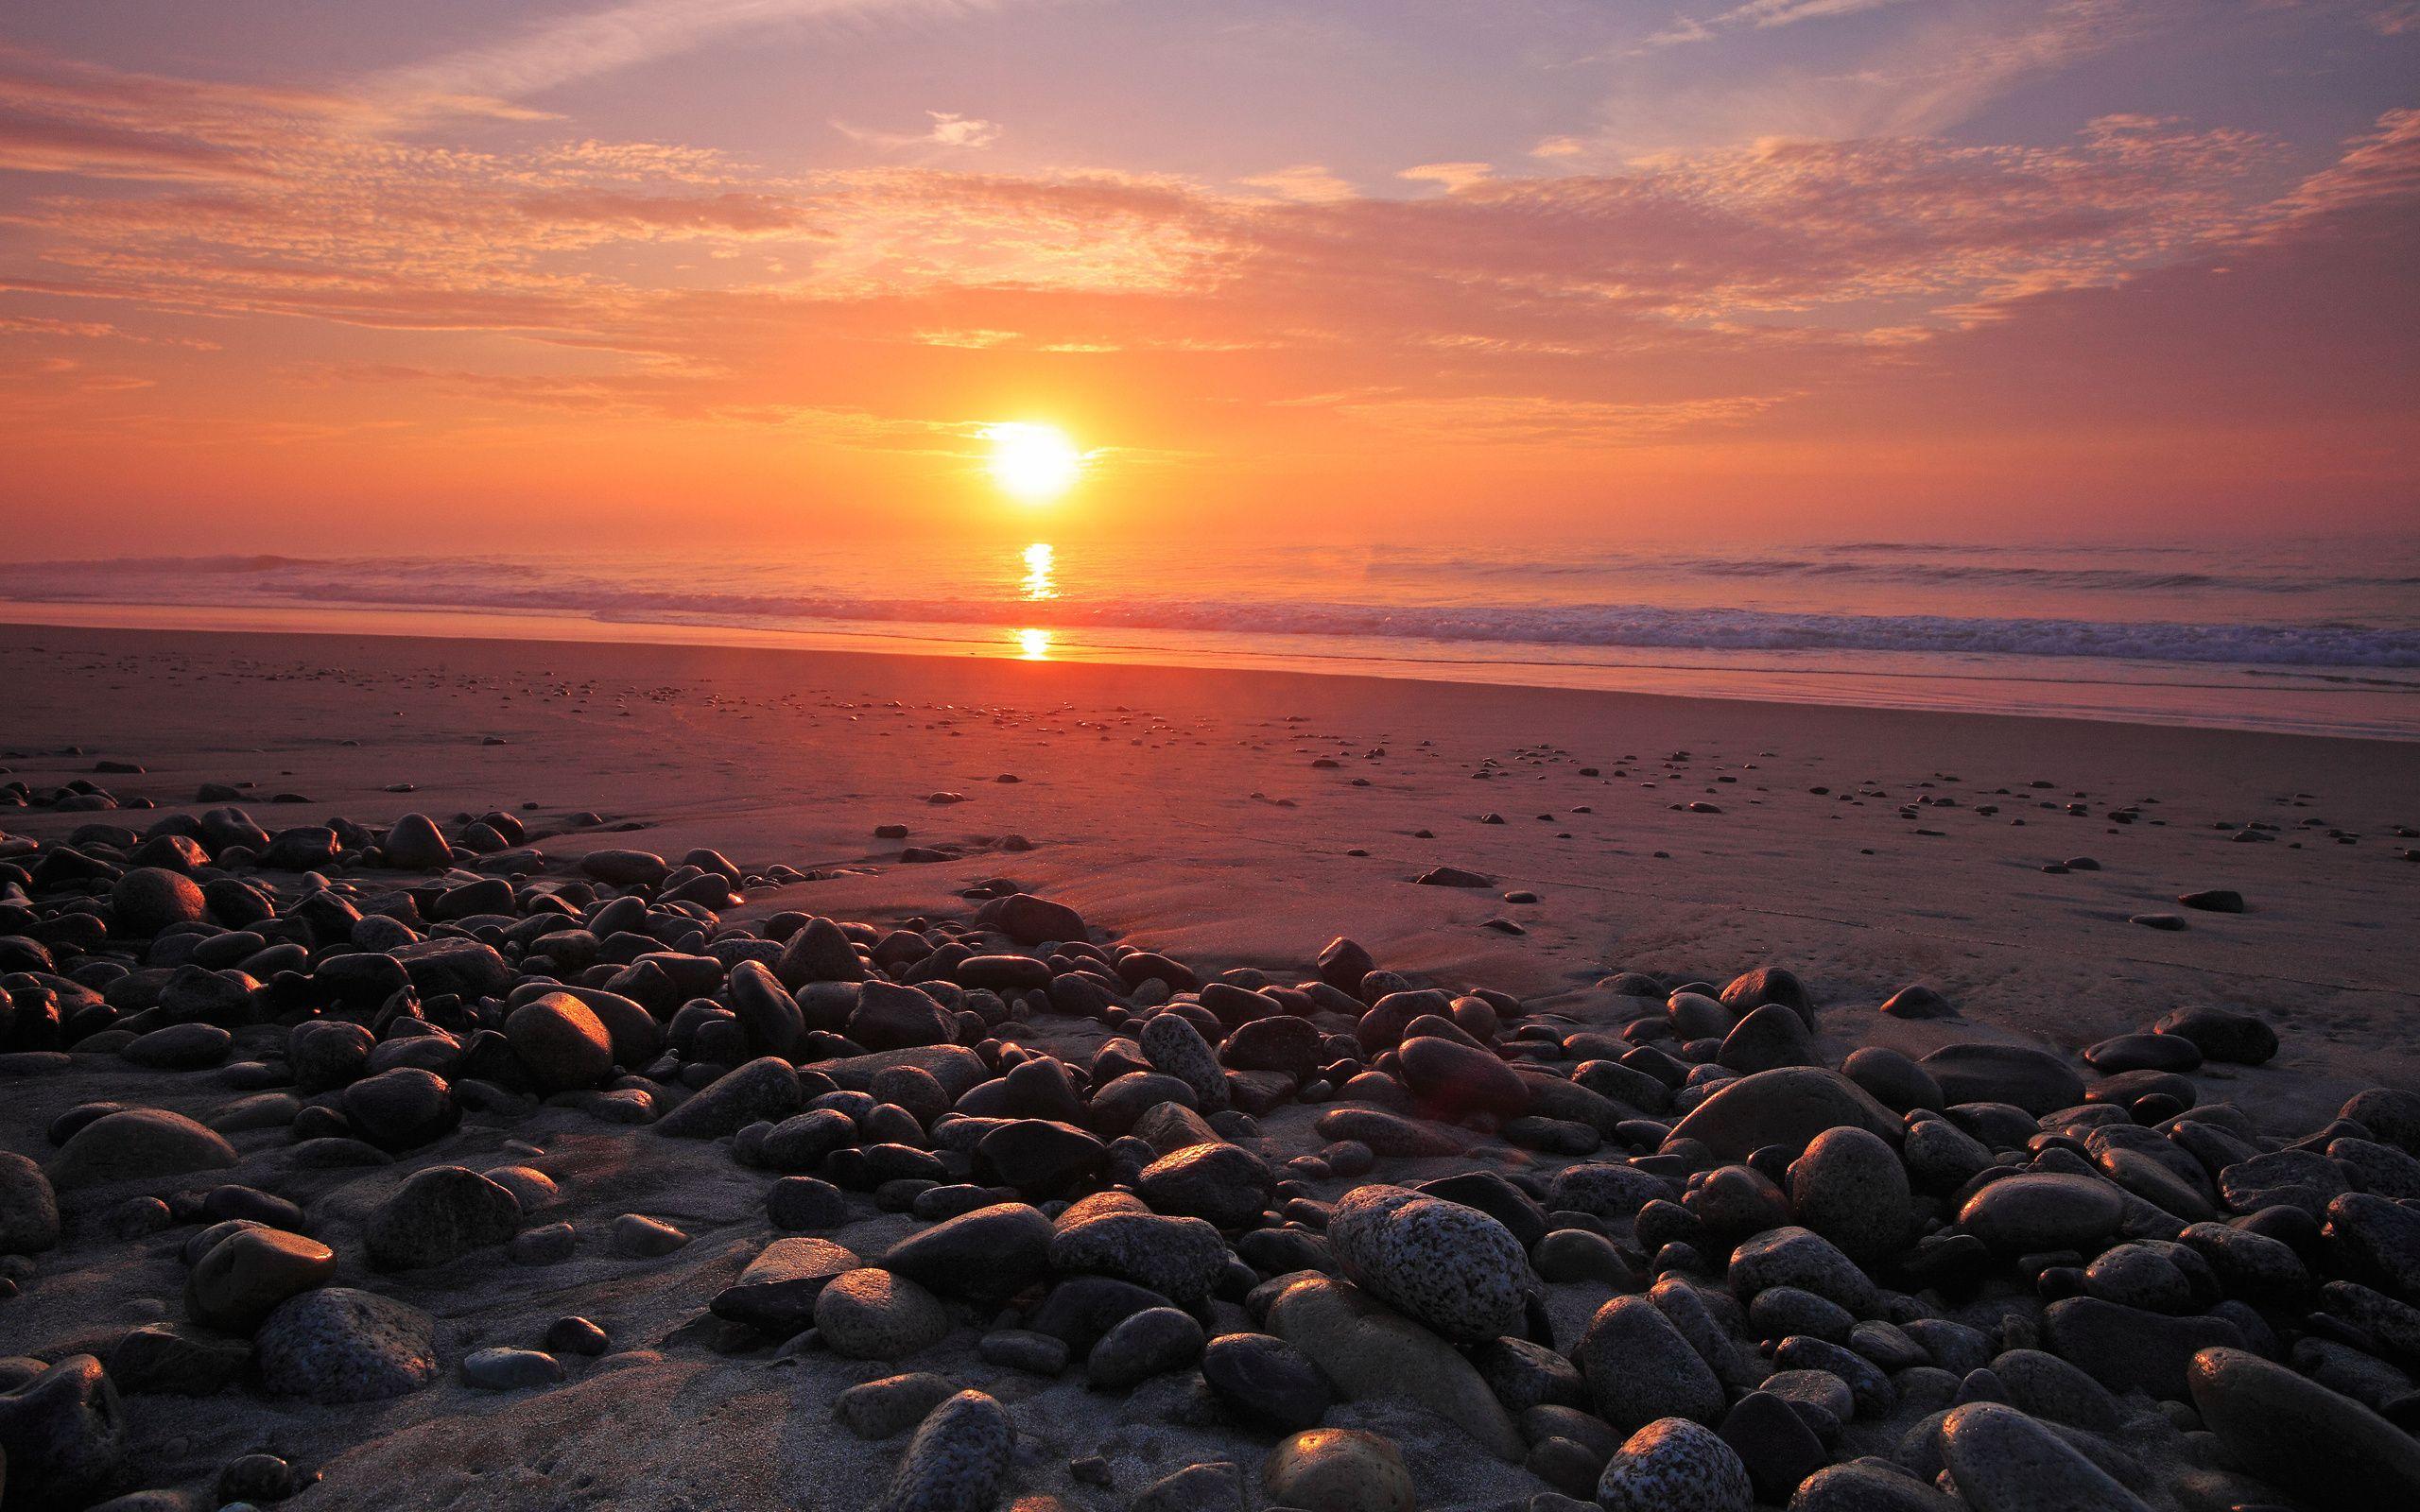 вкусный картинки про закат на море лицее